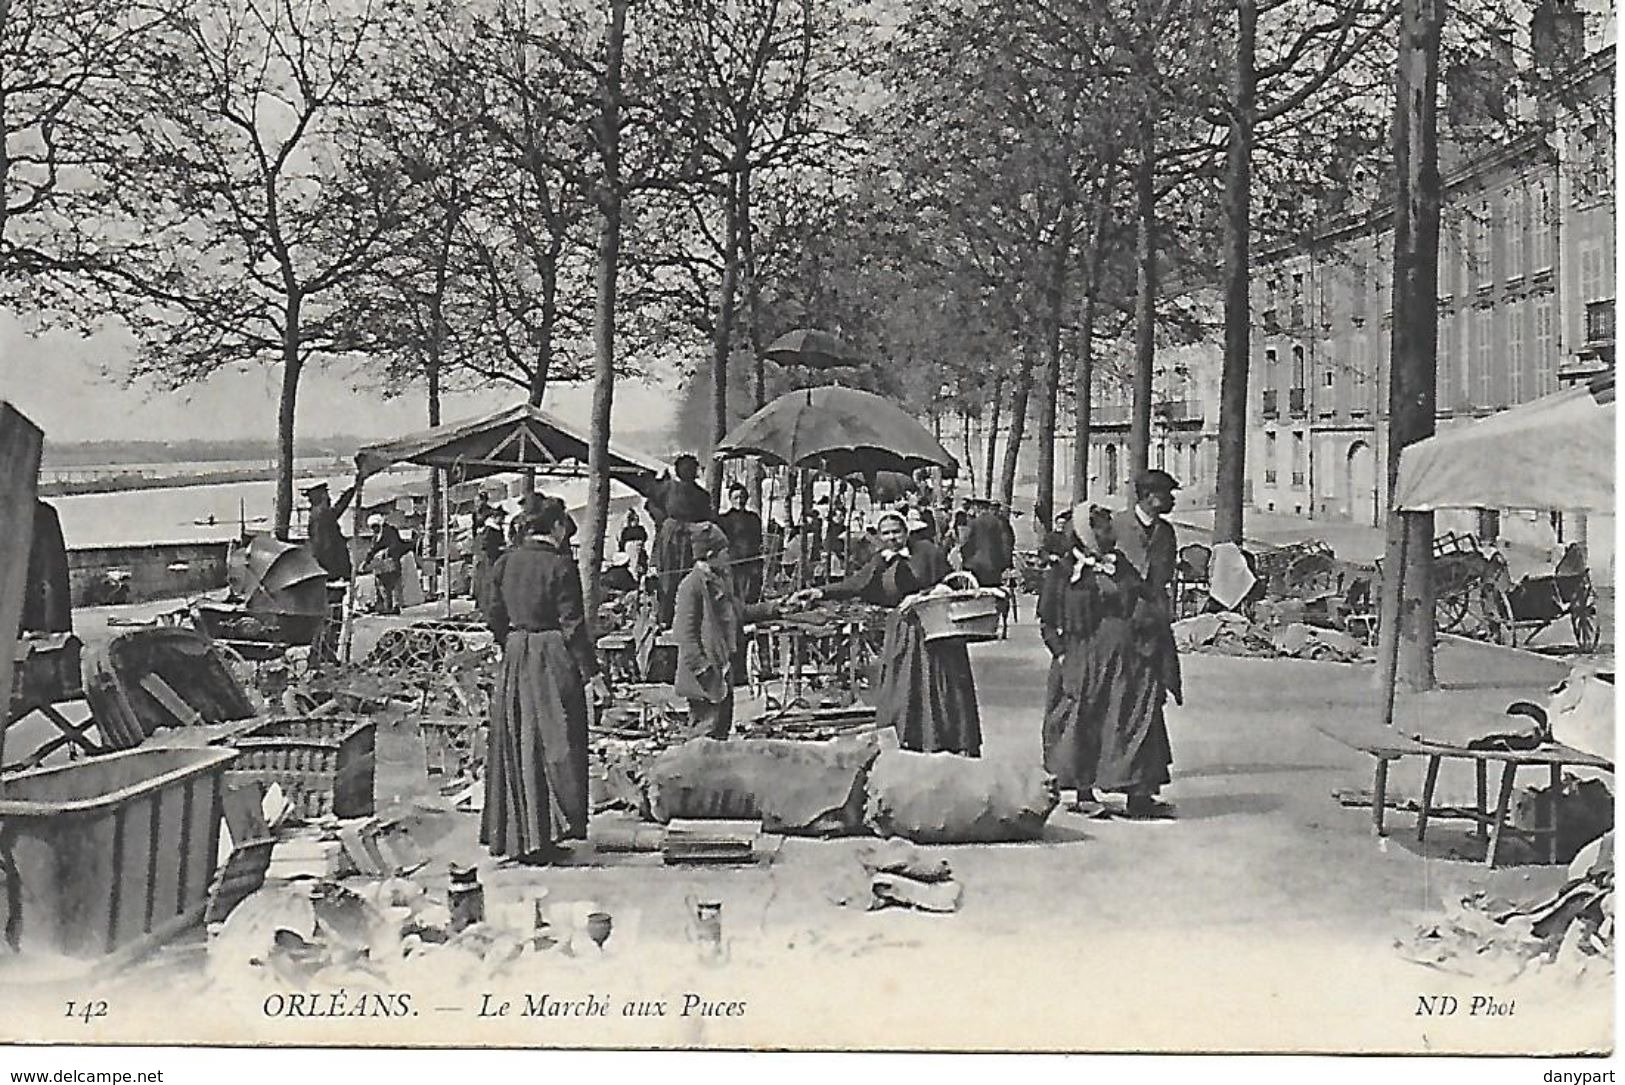 ORLEANS LE MARCHE AUX PUCES TRES ANIME BORDS DE LOIRE 1906 VUE PAS COURANTE TRES BON ETAT - Orleans